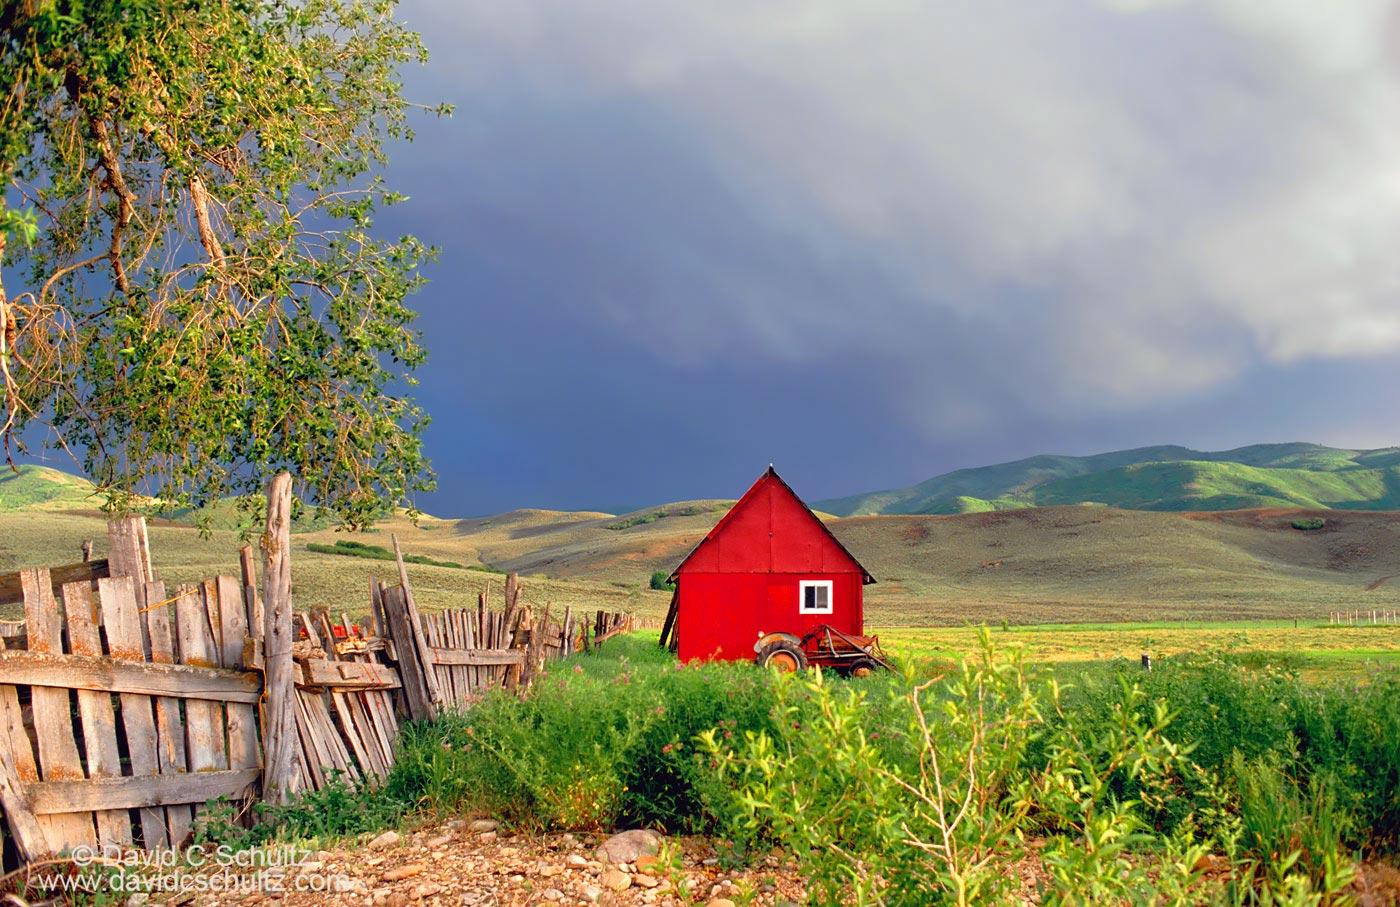 Red barn Heber Utah - Image #13-55